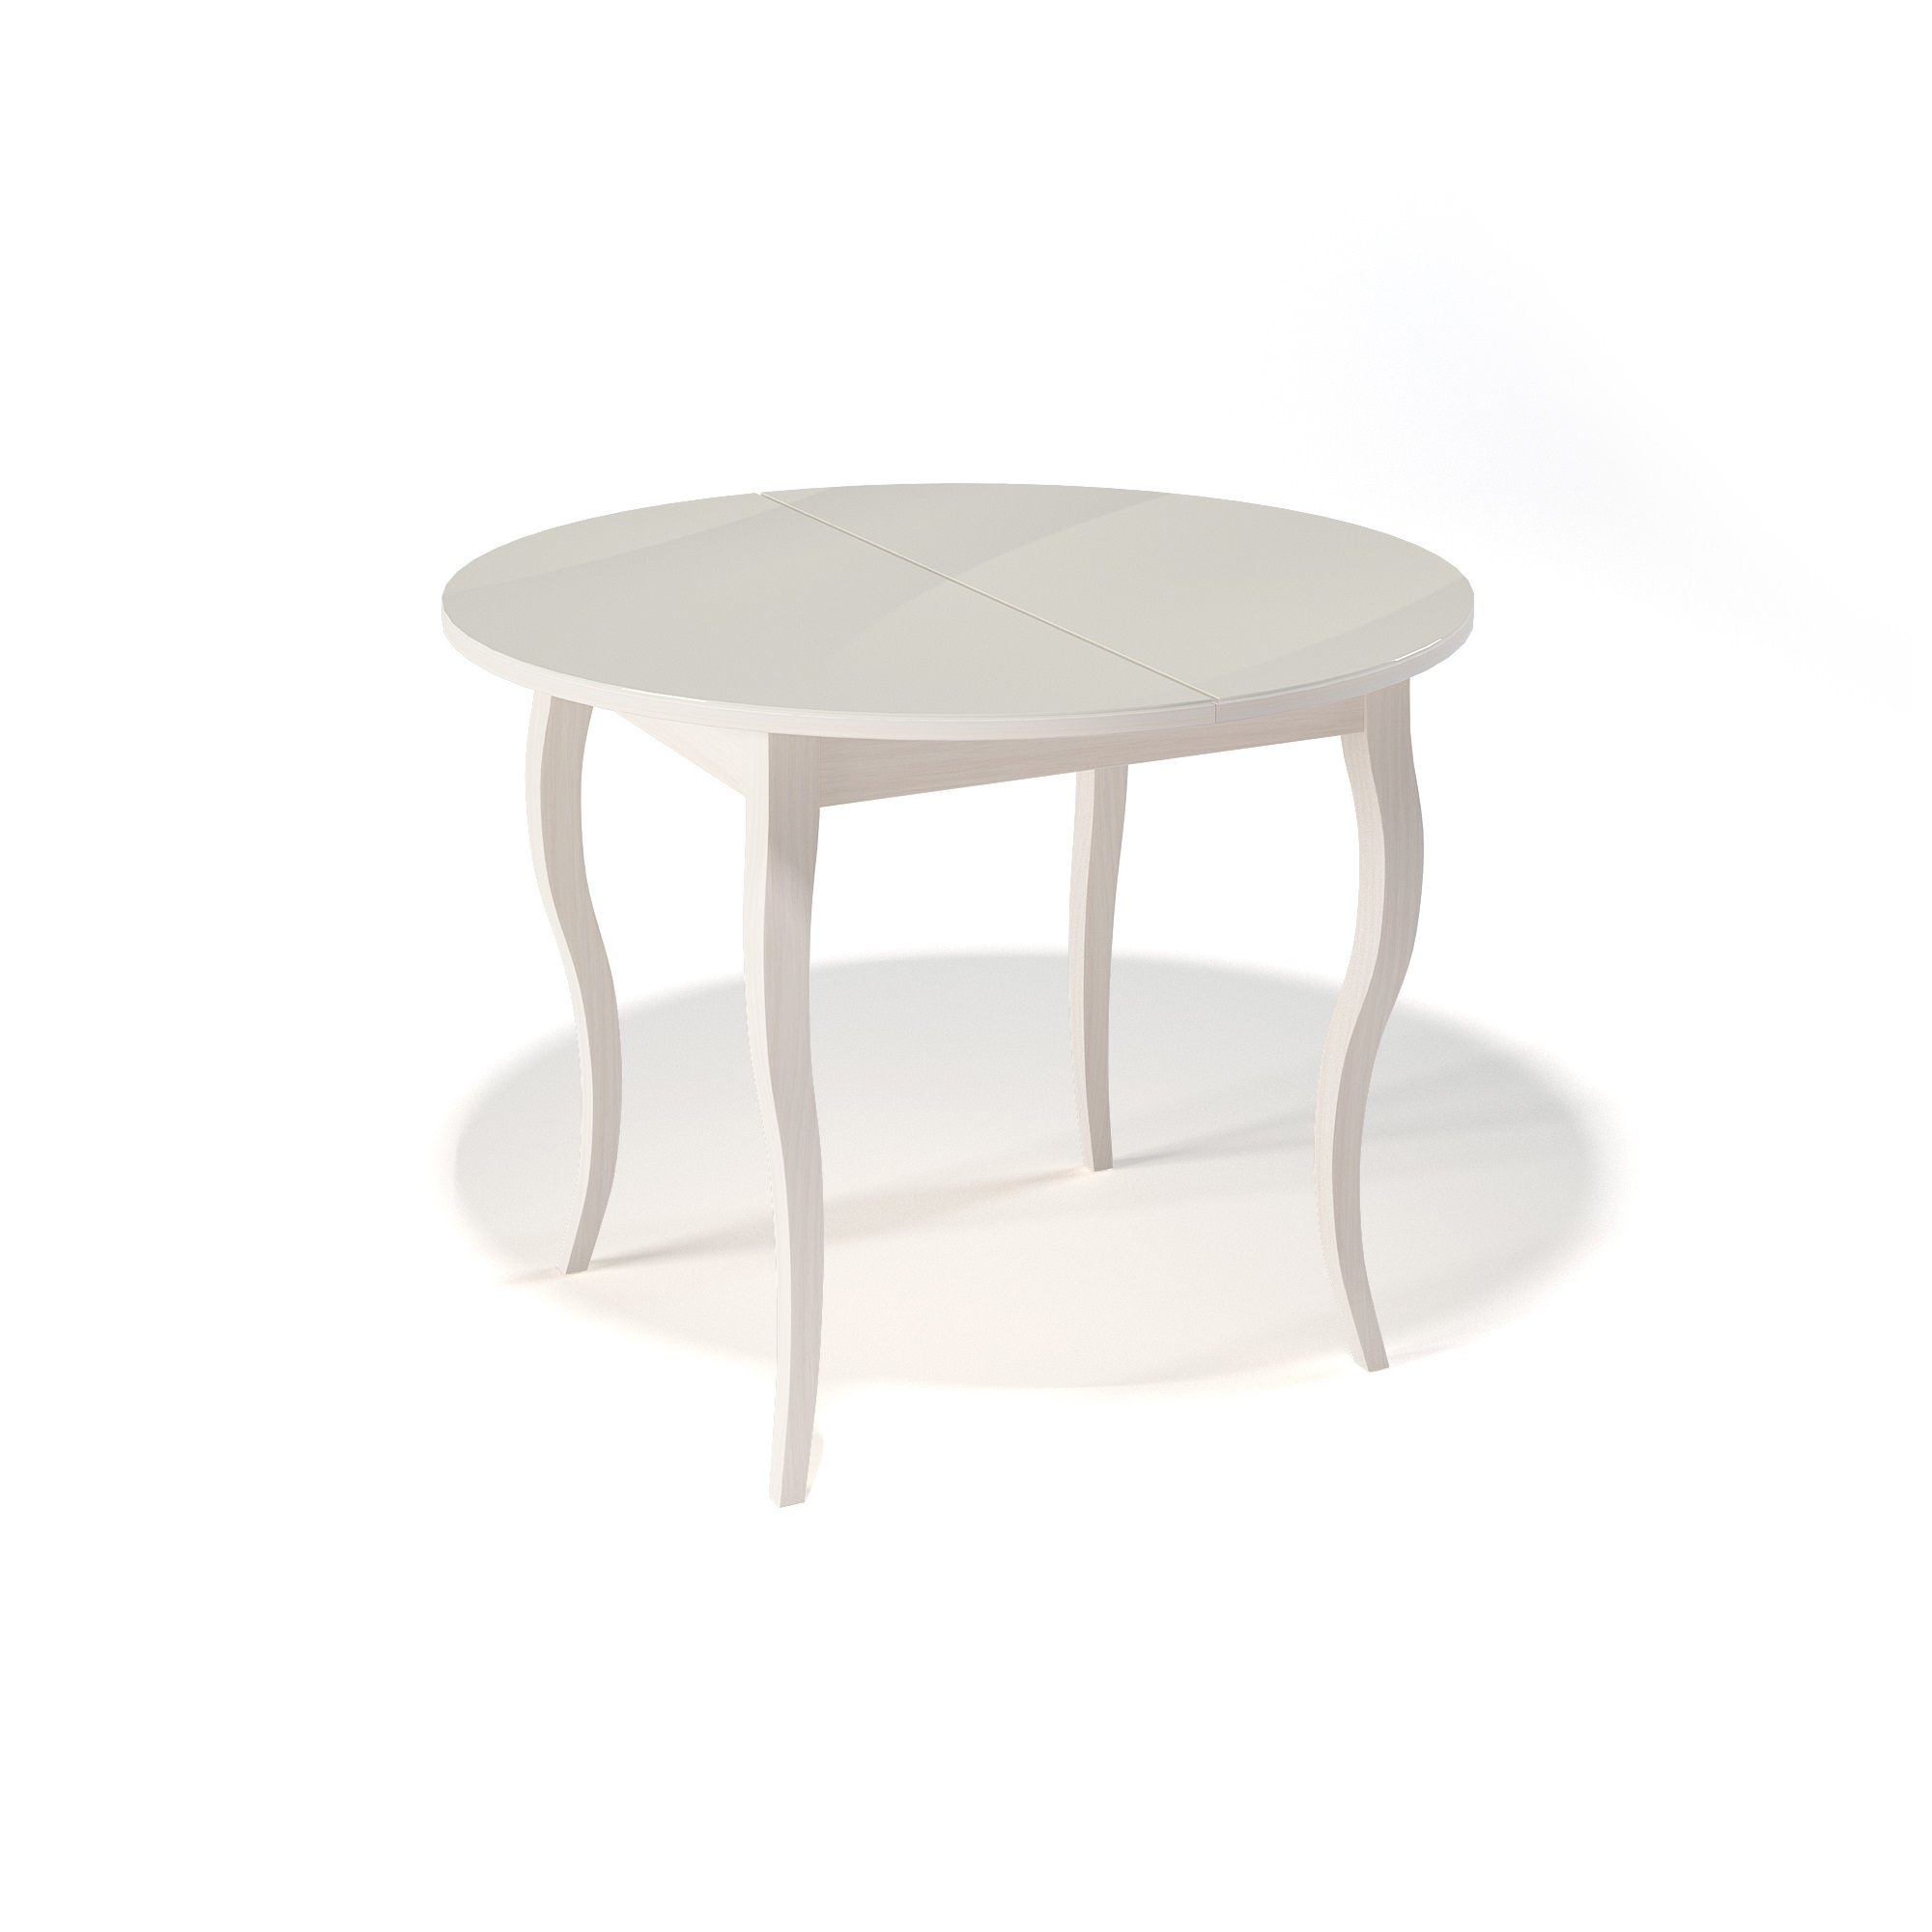 Стол обеденный KennerОбеденные столы<br>Ножки стола выполнены из массива бука, столешница - ДСП+стекло 4мм.&amp;amp;nbsp;&amp;lt;div&amp;gt;Механизм раскладки: синхронный, легкого скольжения.&amp;amp;nbsp;&amp;lt;/div&amp;gt;&amp;lt;div&amp;gt;На ножках установлены регулировочные винты.&amp;amp;nbsp;&amp;lt;/div&amp;gt;&amp;lt;div&amp;gt;Фурнитура в комплекте.&amp;amp;nbsp;&amp;lt;/div&amp;gt;&amp;lt;div&amp;gt;Стол раскладной,вставка &amp;quot;бабочка&amp;quot; со стеклом.&amp;amp;nbsp;&amp;lt;/div&amp;gt;&amp;lt;div&amp;gt;Размер столешницы в разложенном виде: 130х100 см. &amp;lt;/div&amp;gt;<br><br>Material: Дерево<br>Ширина см: 100.0<br>Высота см: 75.0<br>Глубина см: 100.0